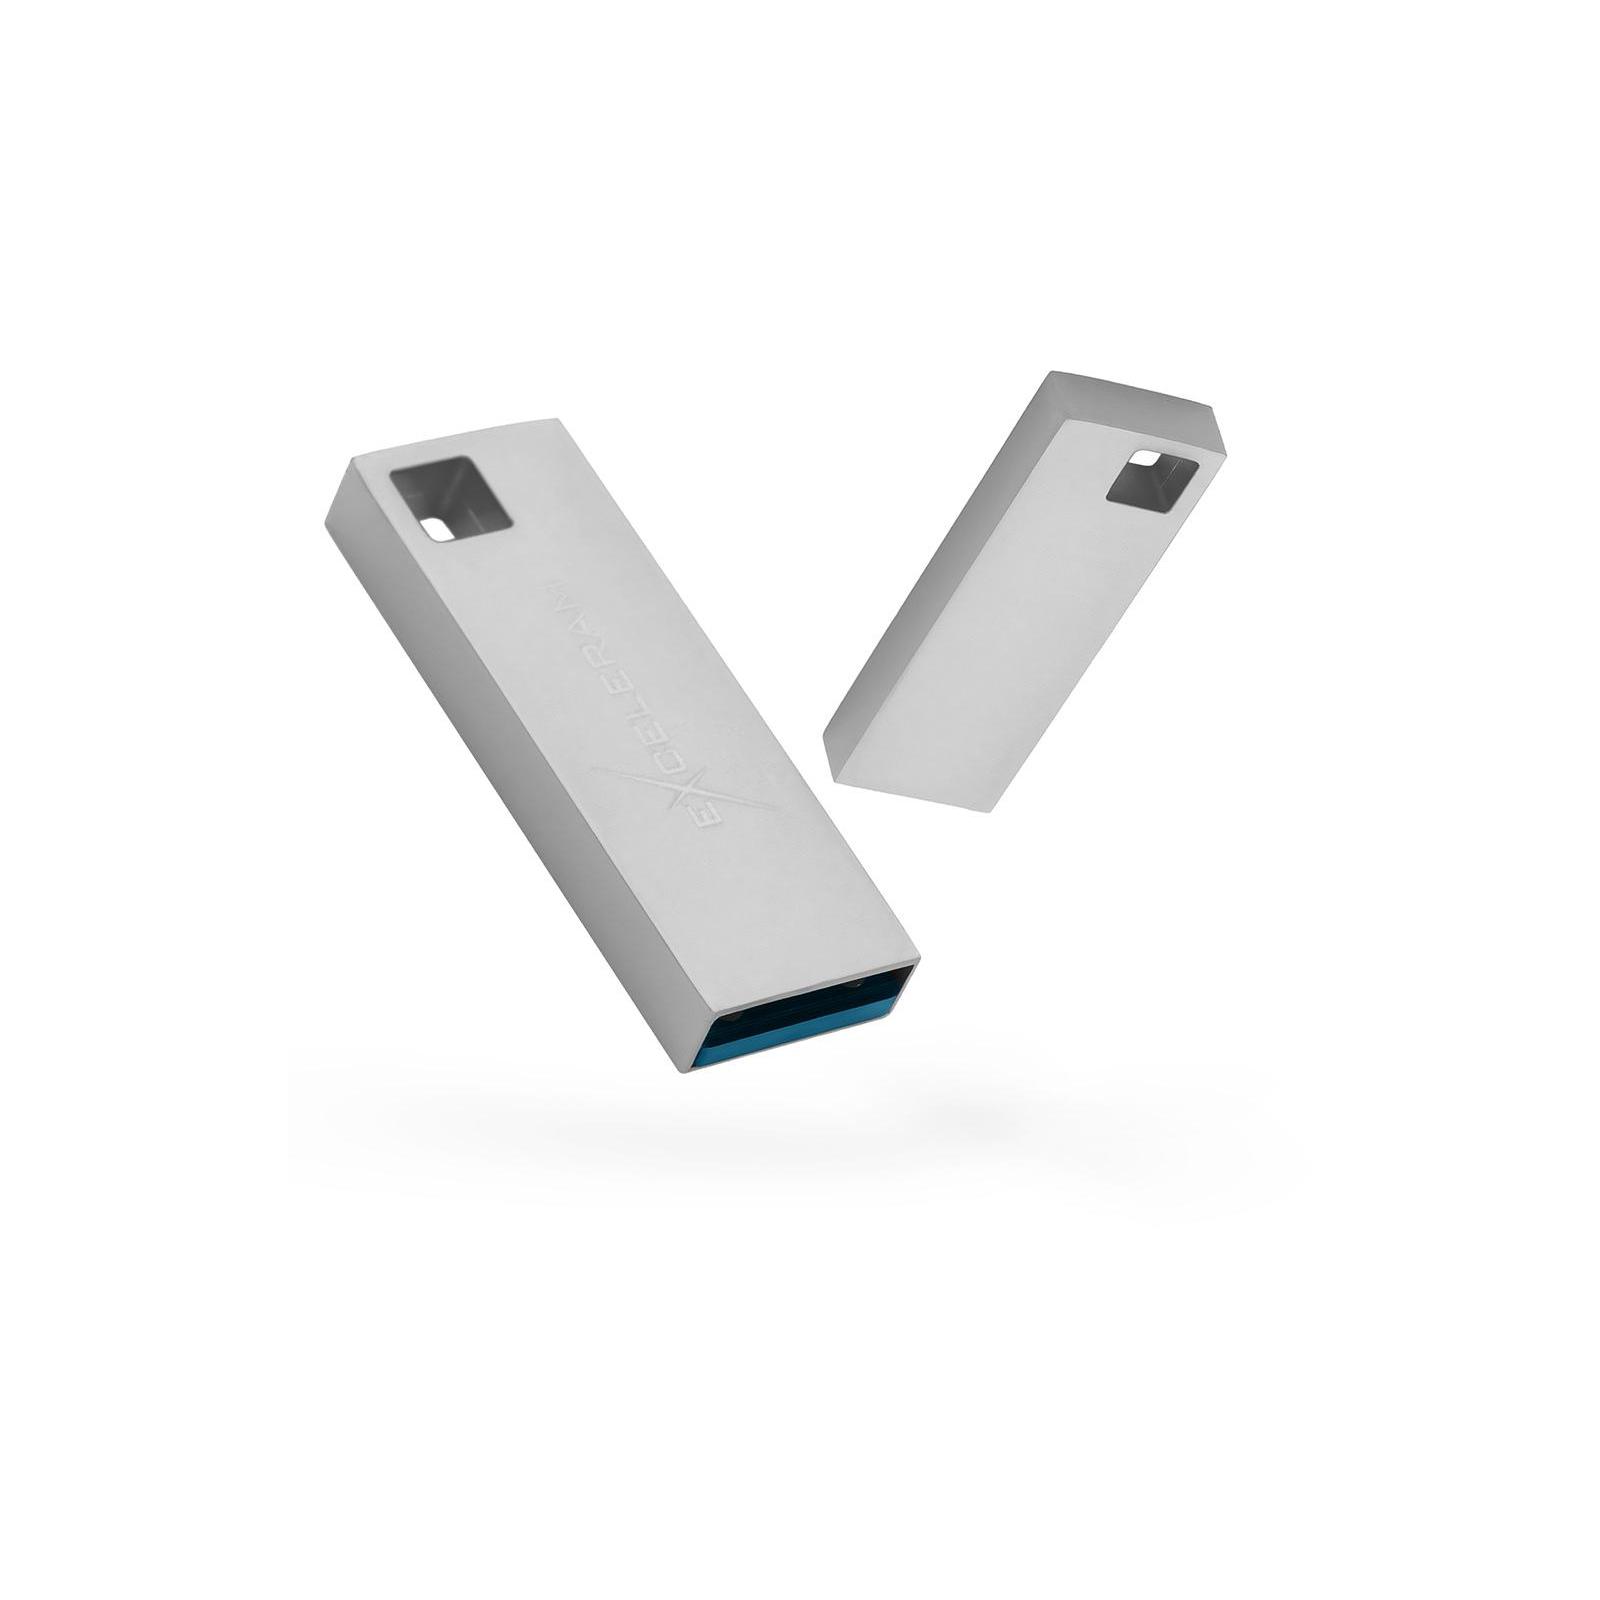 USB флеш накопитель eXceleram 128GB U1 SeriesSilver USB 3.1 Gen 1 (EXP2U3U1S128)